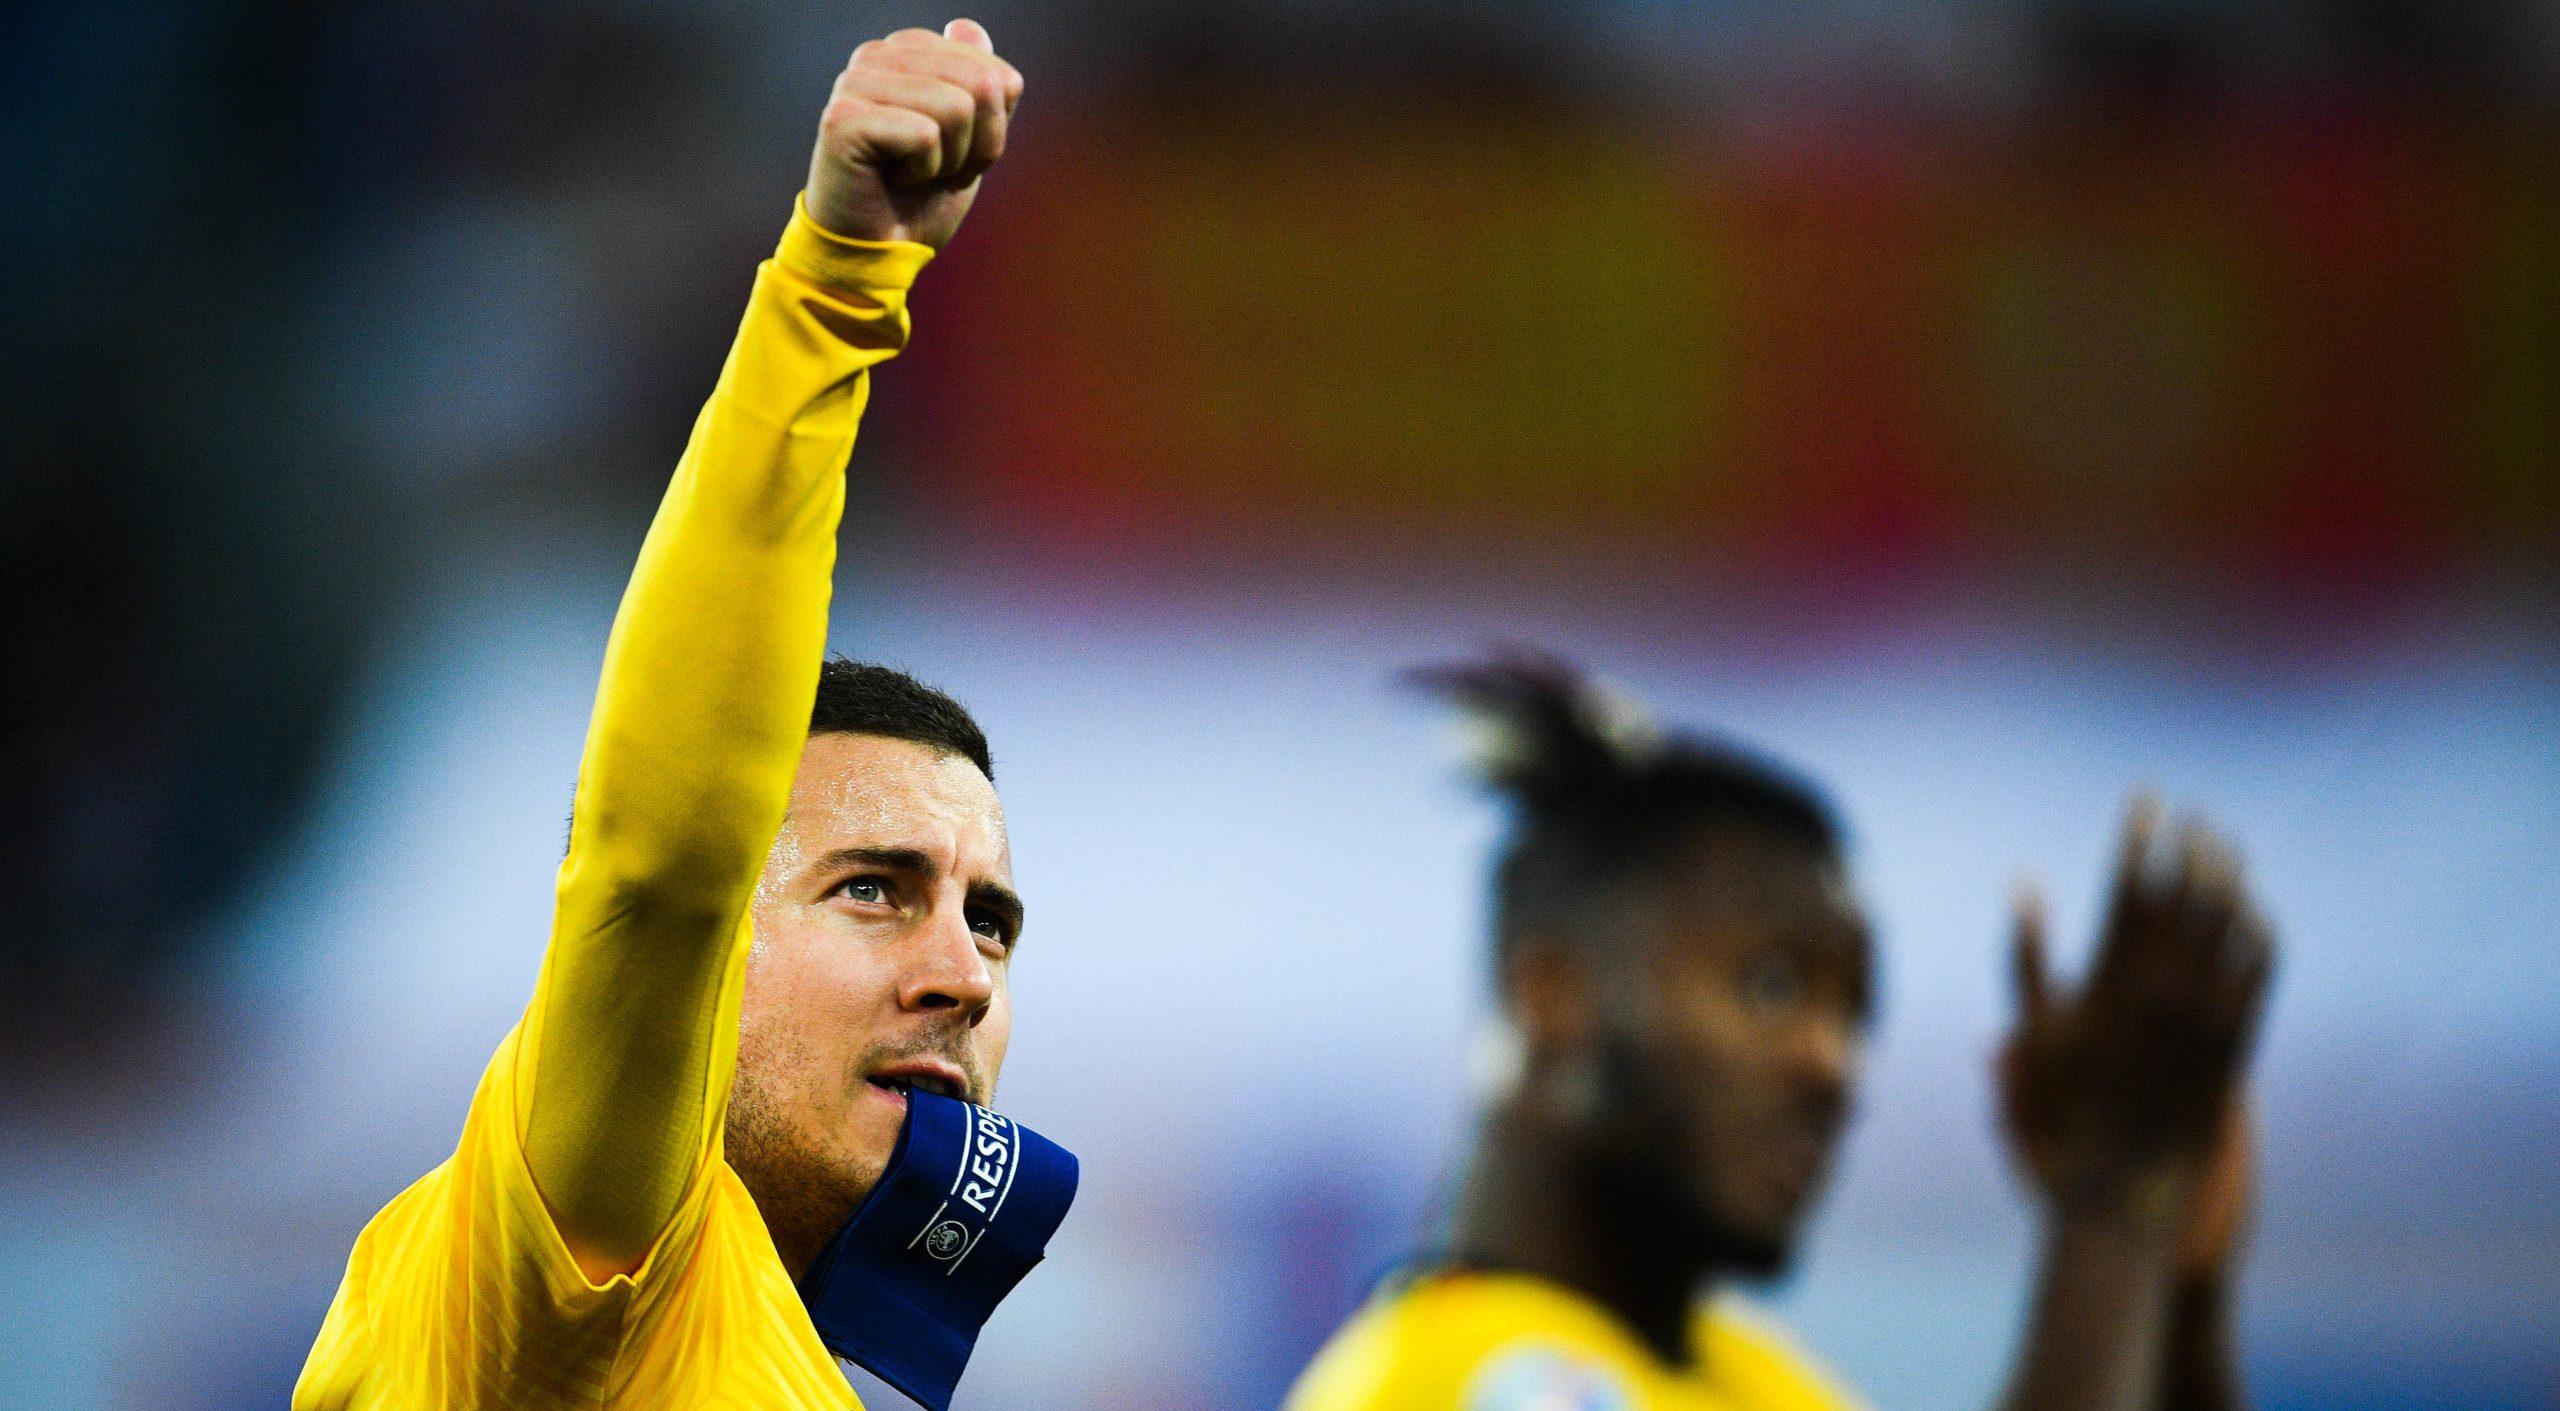 Belgium's Eden Hazard